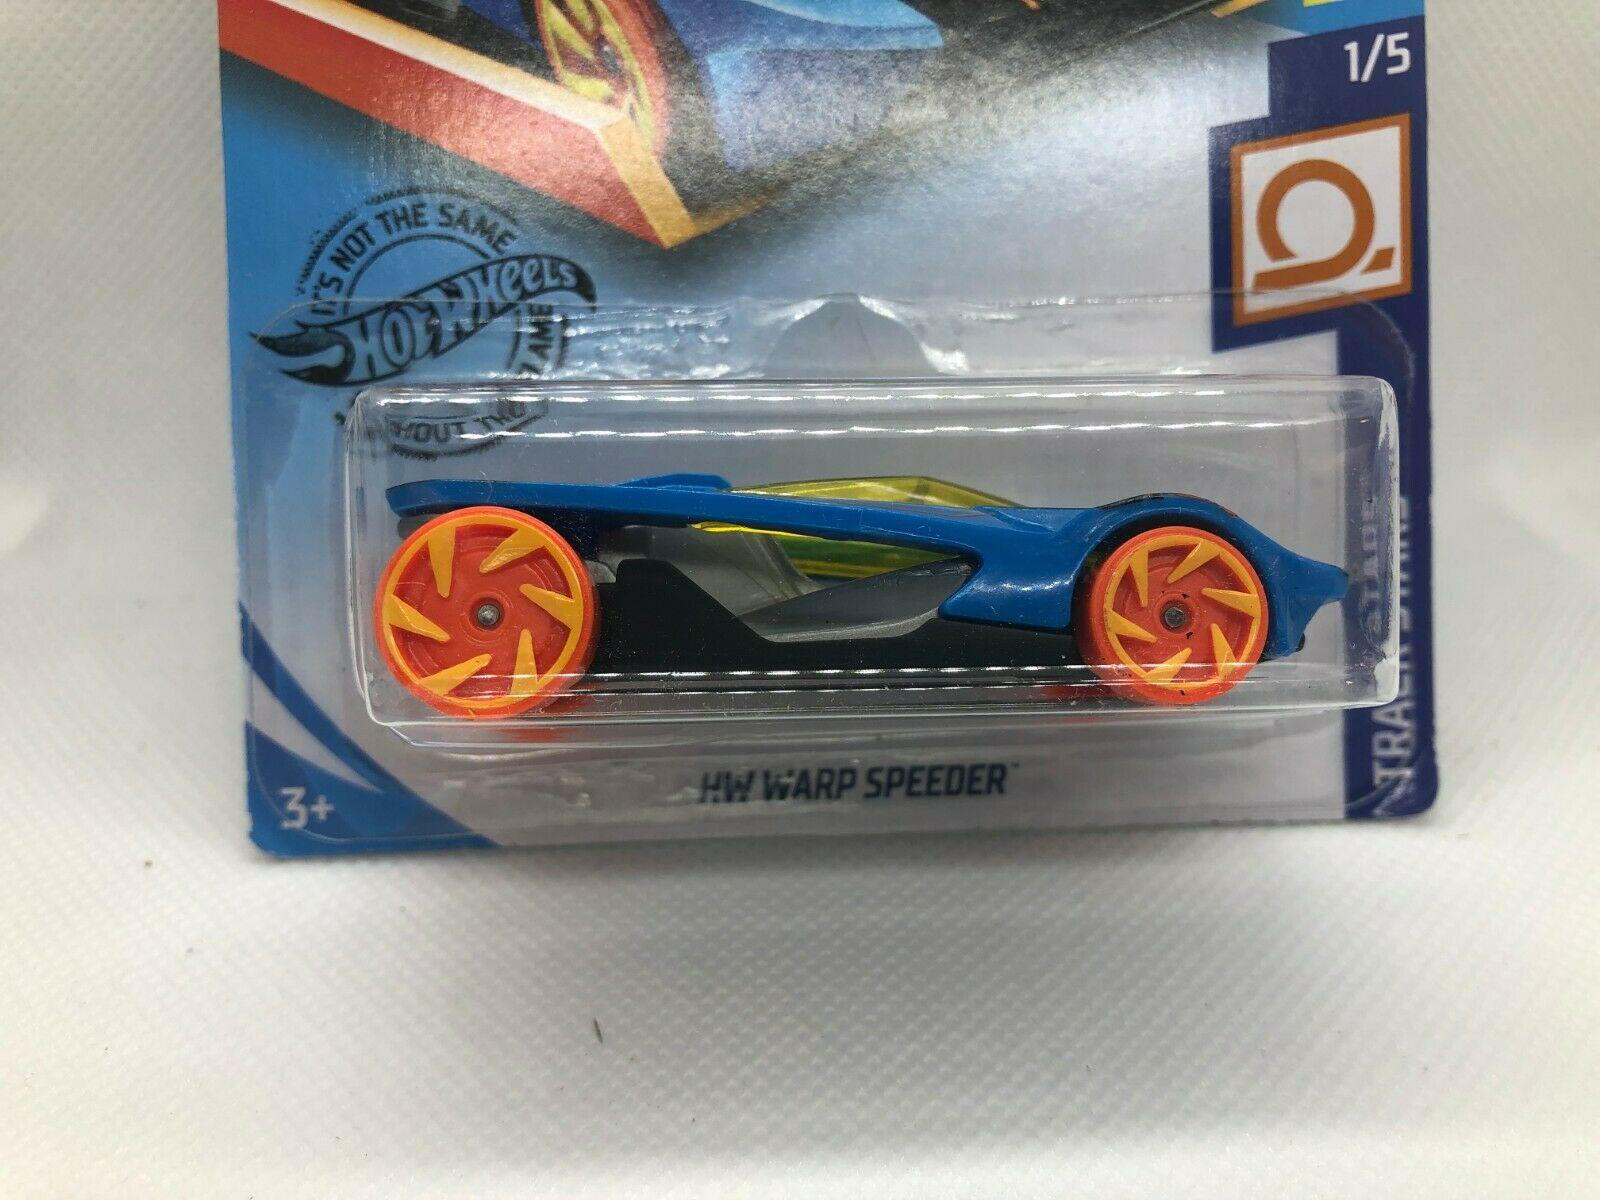 HW Warp Speeder